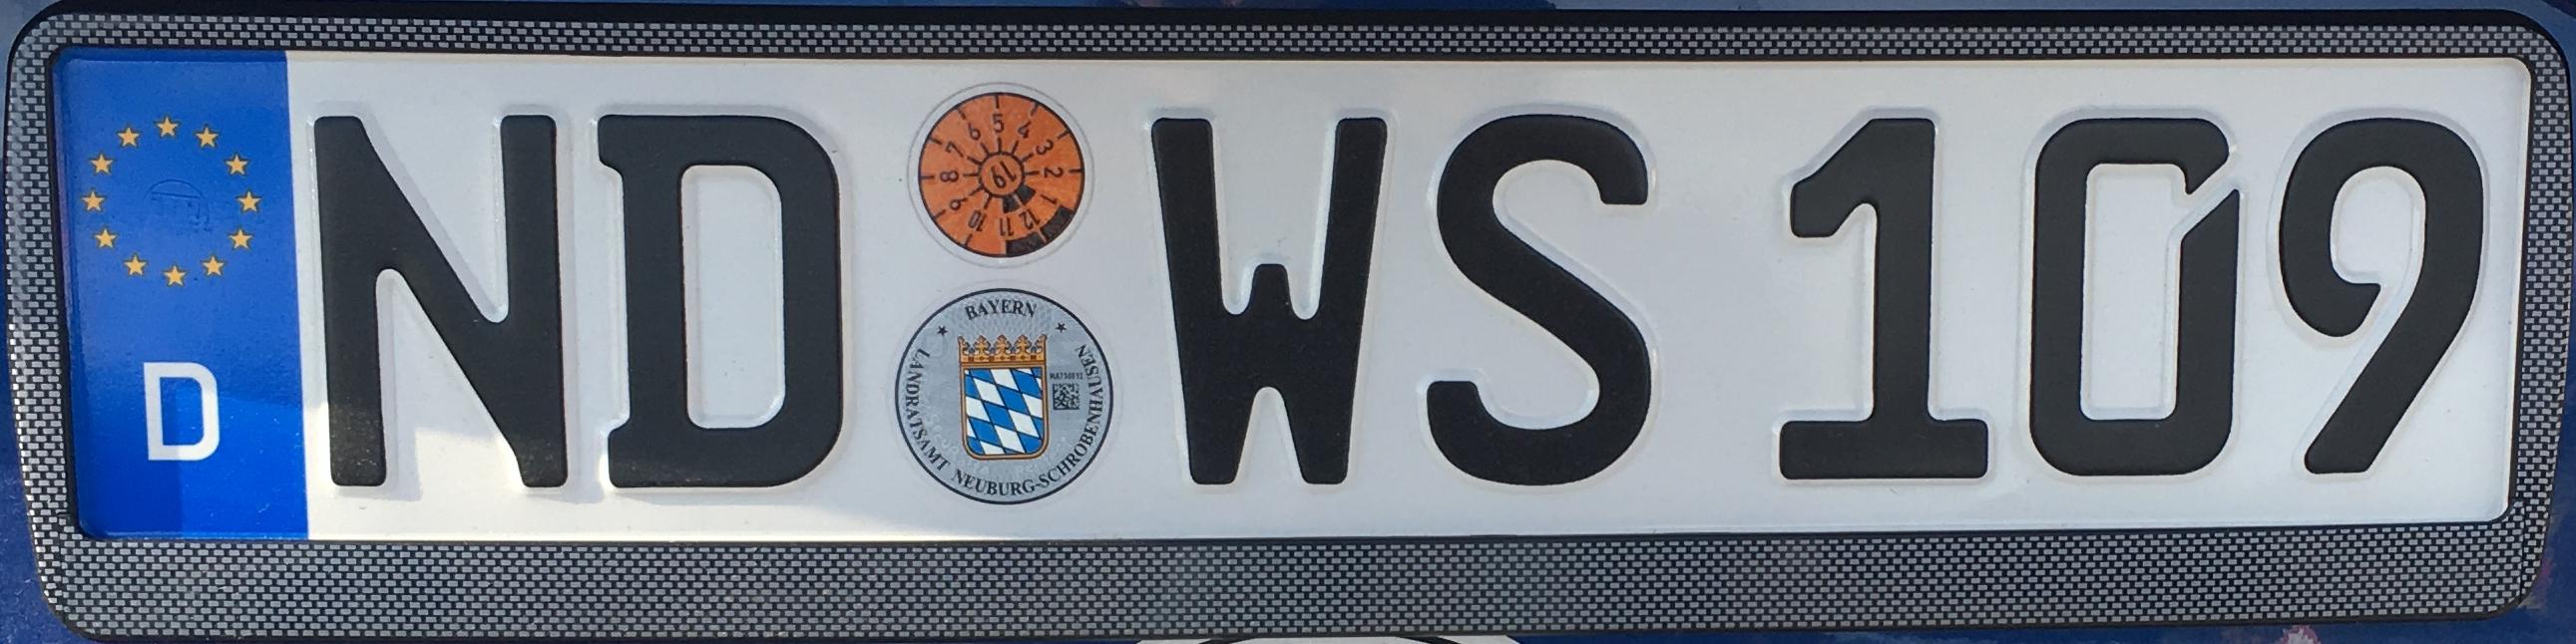 Registrační značky Německo – ND – Neuburg-Schrobenhausen, foto: www.podalnici.cz